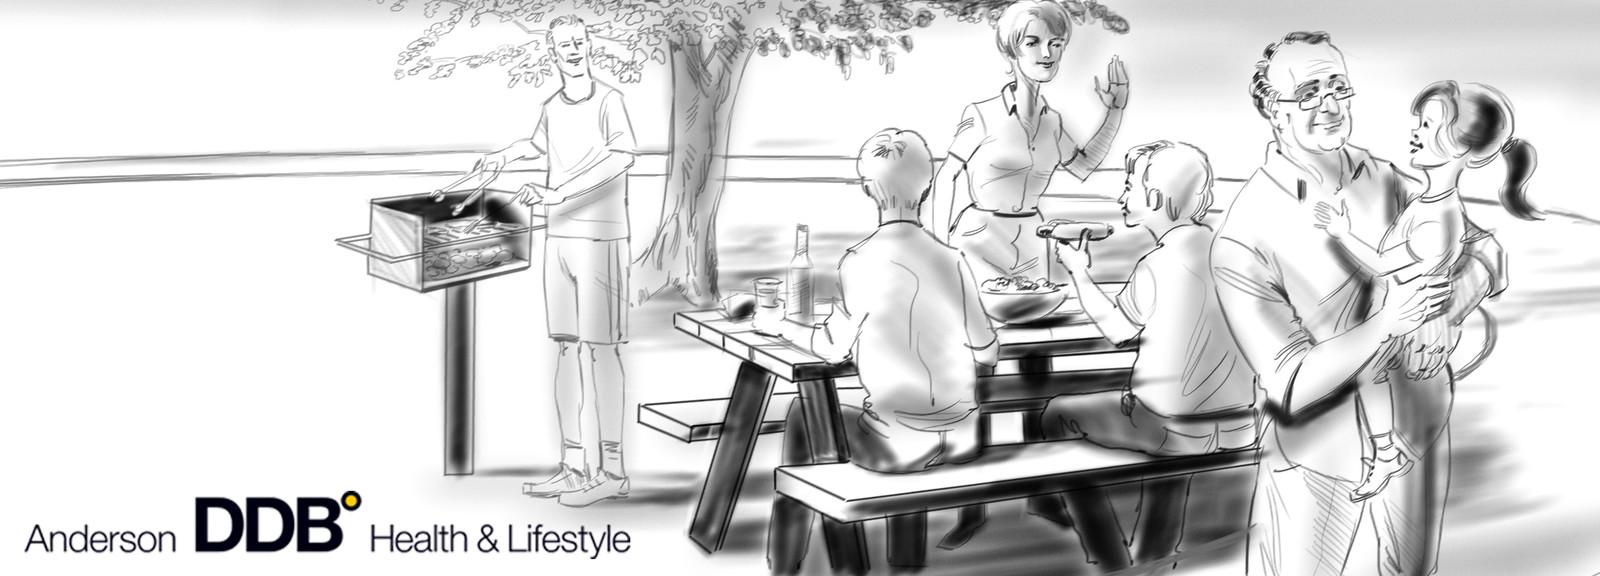 Anderson DDB heath & lifestyle brand story